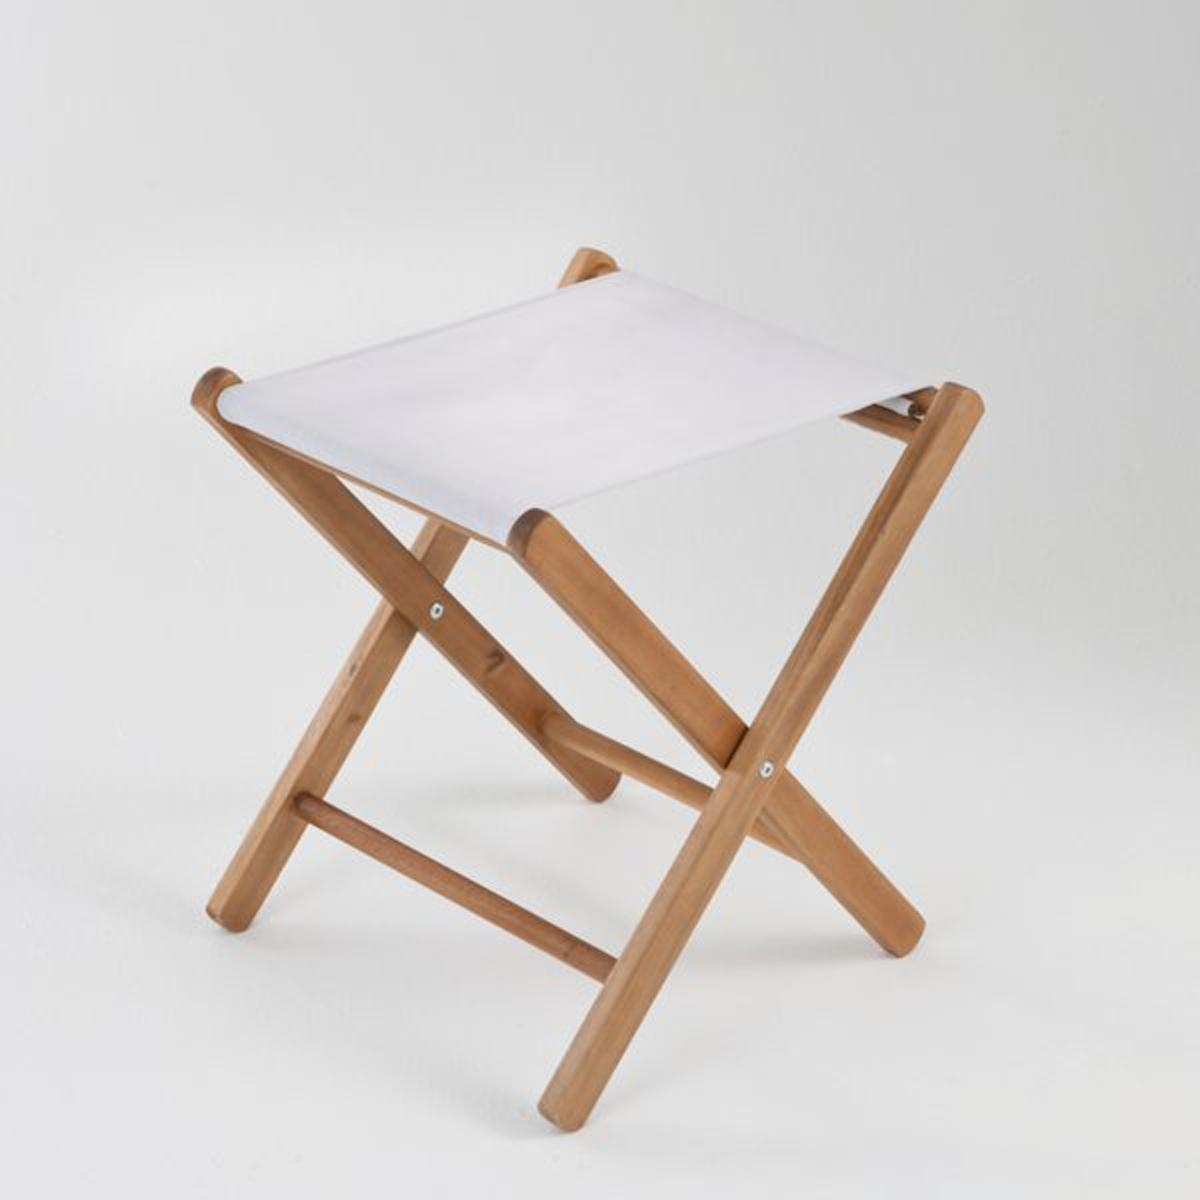 Табурет складной из акации, AmezzaСкладной табурет или подставка для ног из акации (контролируемая древесина). Идеально подходит для отдыха в саду или в качестве подставки для ног рядом с креслом.Характеристики складного табурета :- Выполнен из акации (контролируемая древесина).- Тонировка тиковое дерево- Сиденье из устойчивой к УФ-излучению плотной ткани, 100% полиэстера.Данная модель табурета требует самостоятельной сборки, инструкция по сборке прилагается.Размеры : - Общие размеры : Д. 40 x В. 46 x Г. 42 см.<br><br>Цвет: серо-коричневый каштан,серый жемчужный,синяя полоска